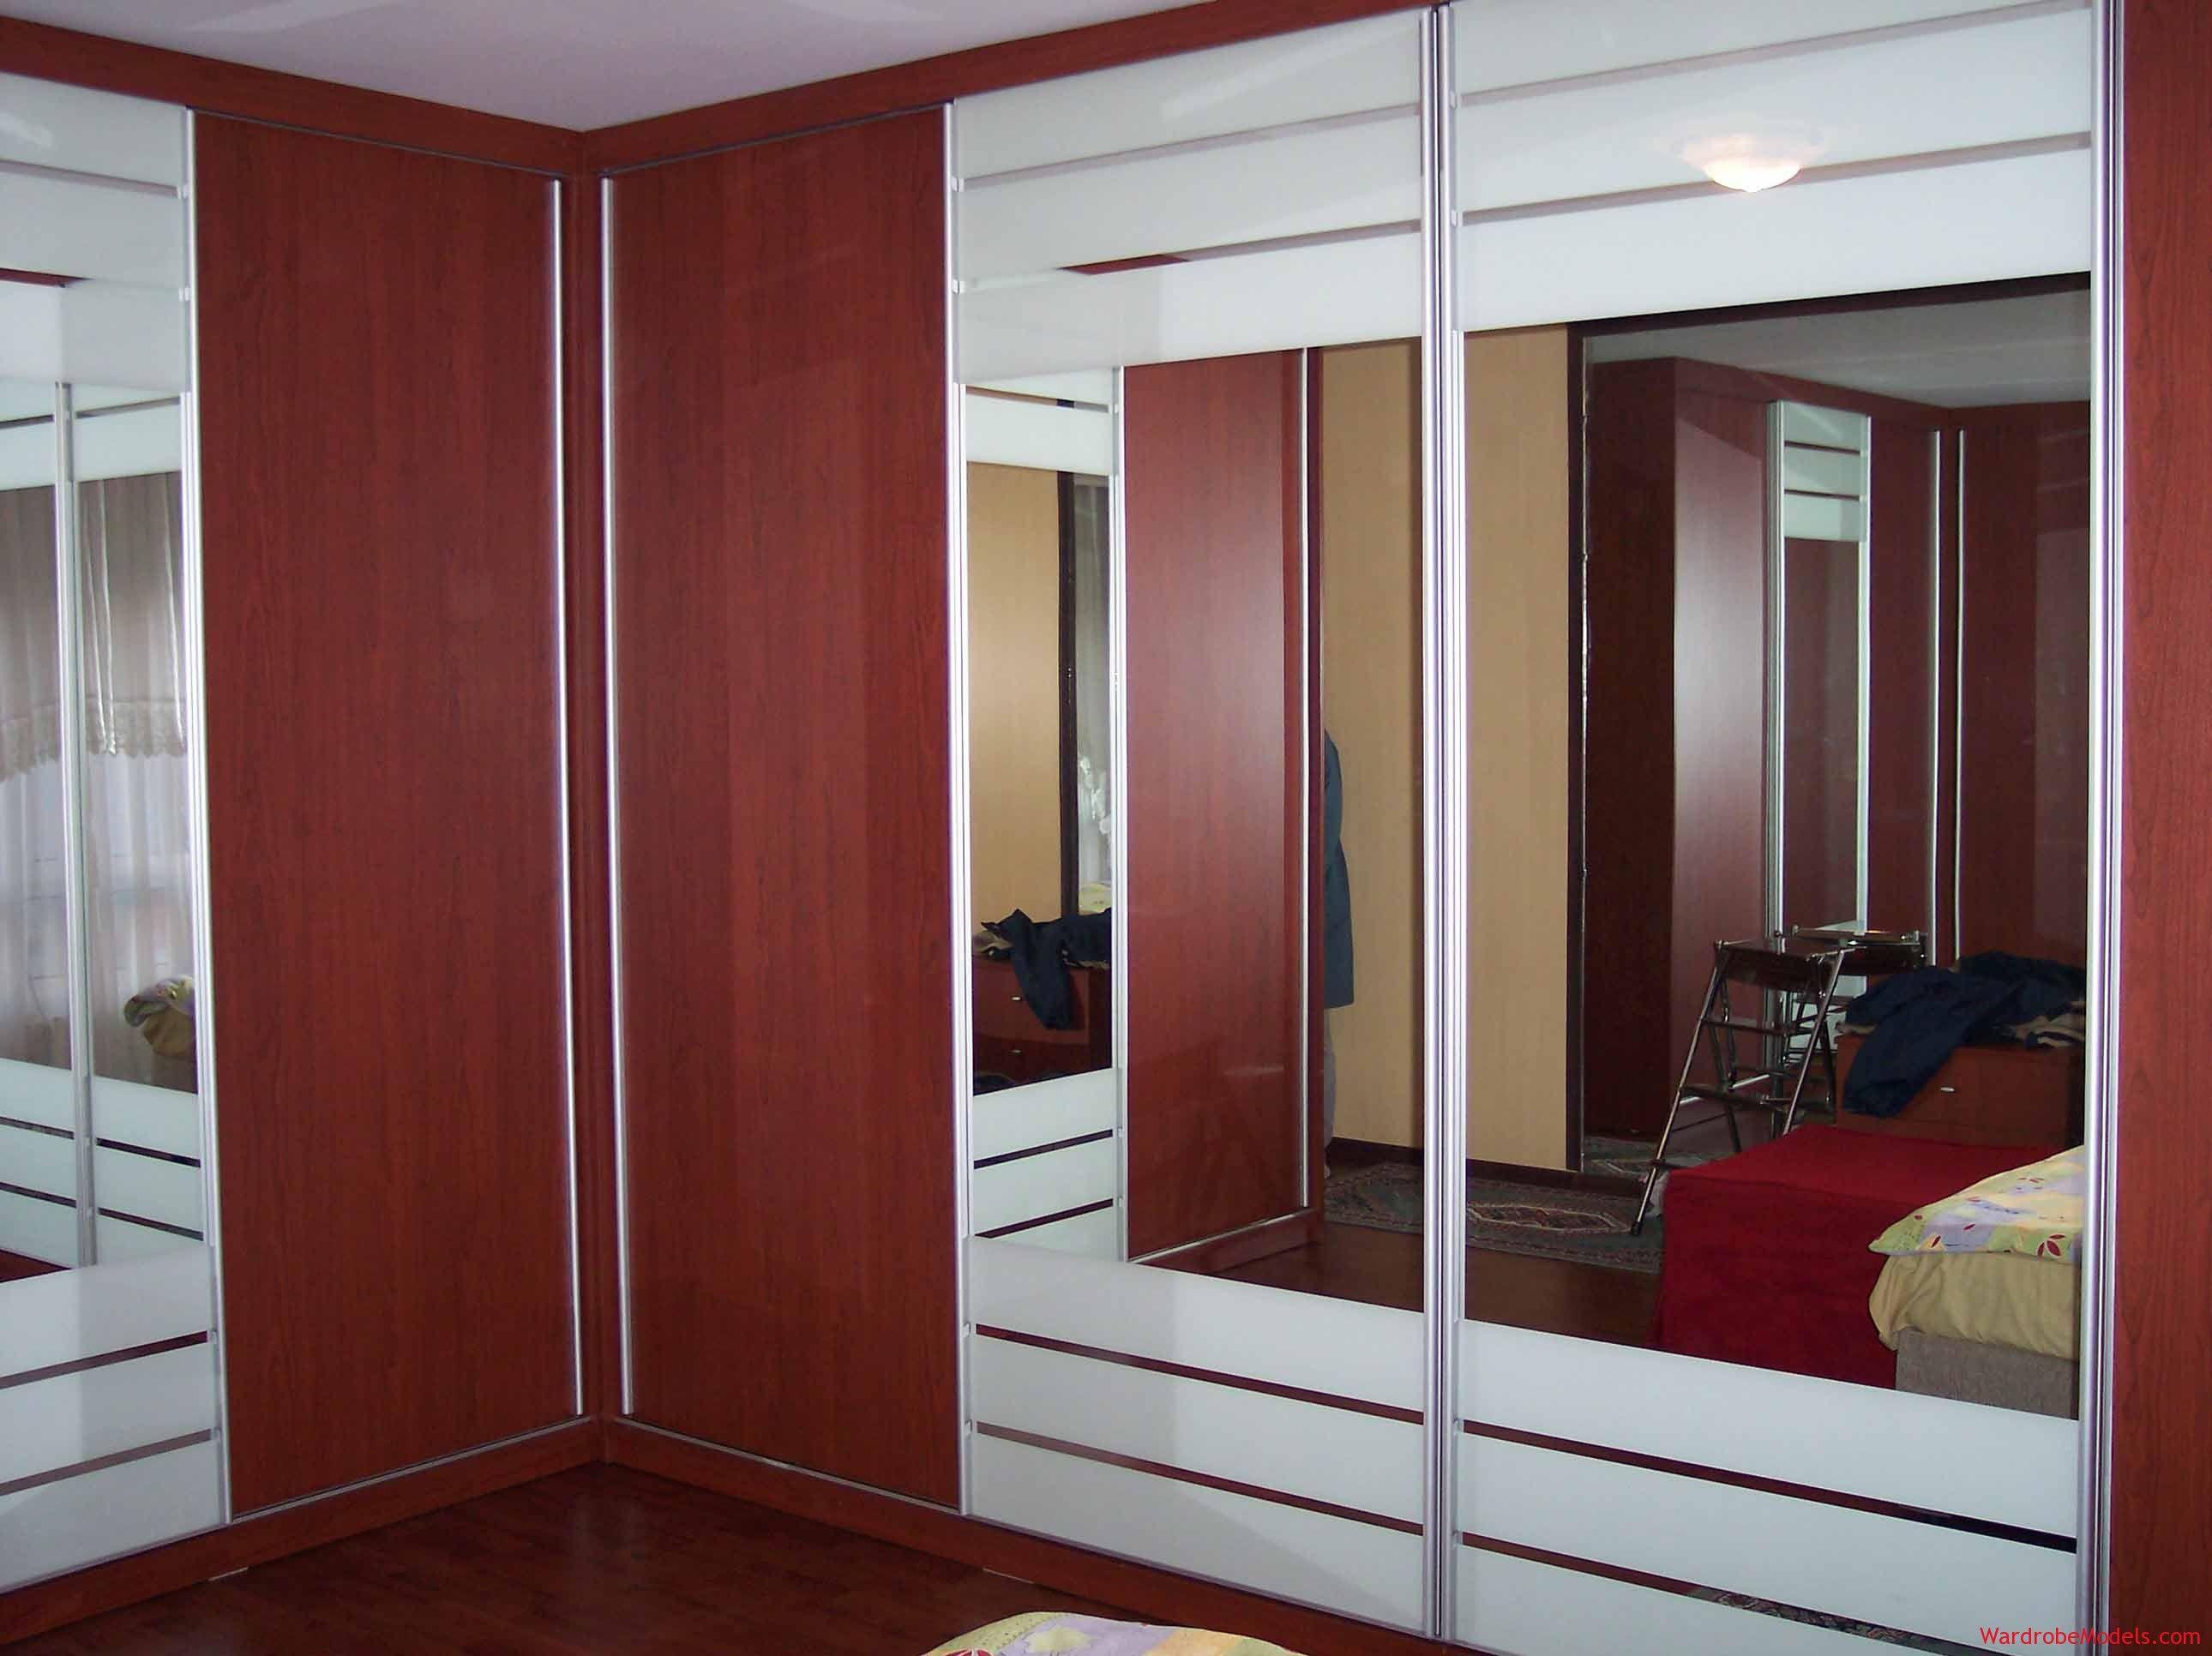 Schlafzimmer Schrank Ideen Kleiderschrank Schrank Design